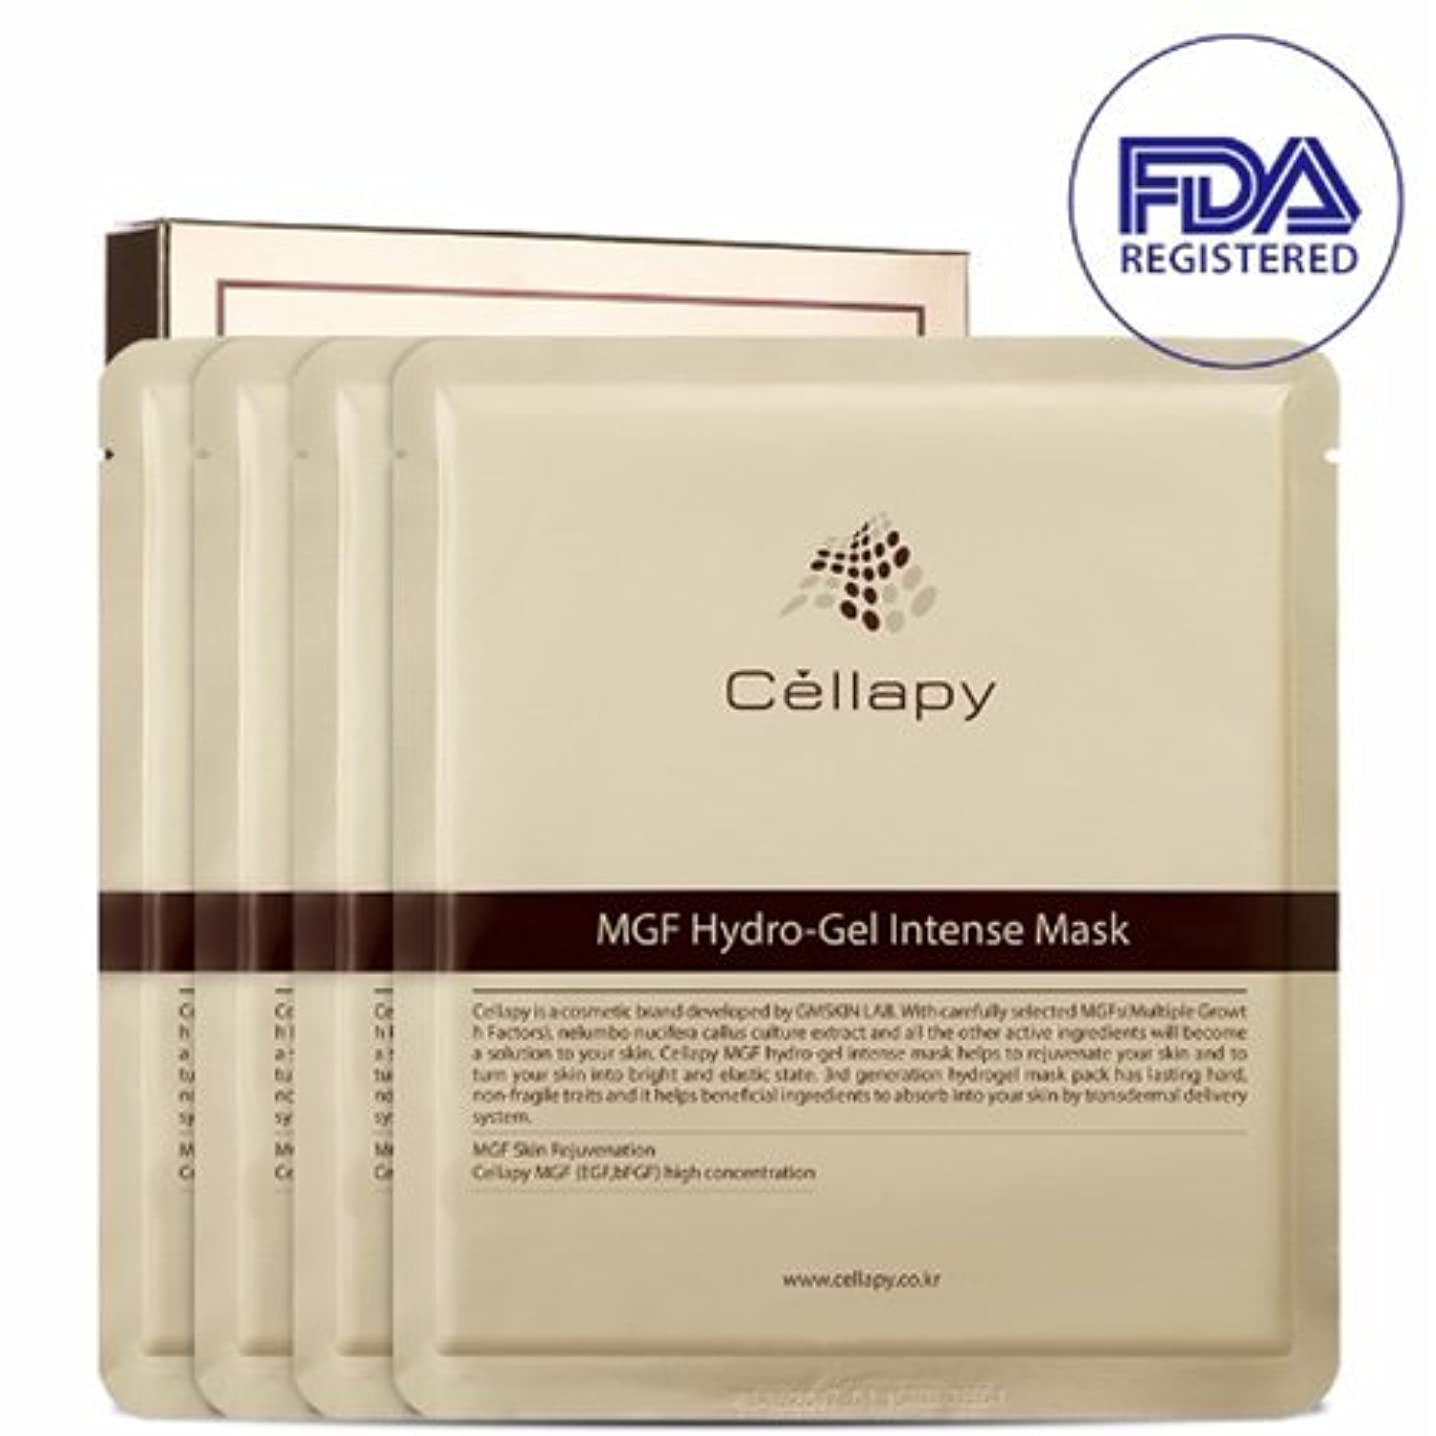 暴力的なピアニストセルラピ MGFハイドロゲルインテンスマスクシート25g*4枚セット[並行輸入品] / Cellapy MGF Hydro-Gel Intense Mask Sheet 25g 4pcs Set for Irritable...